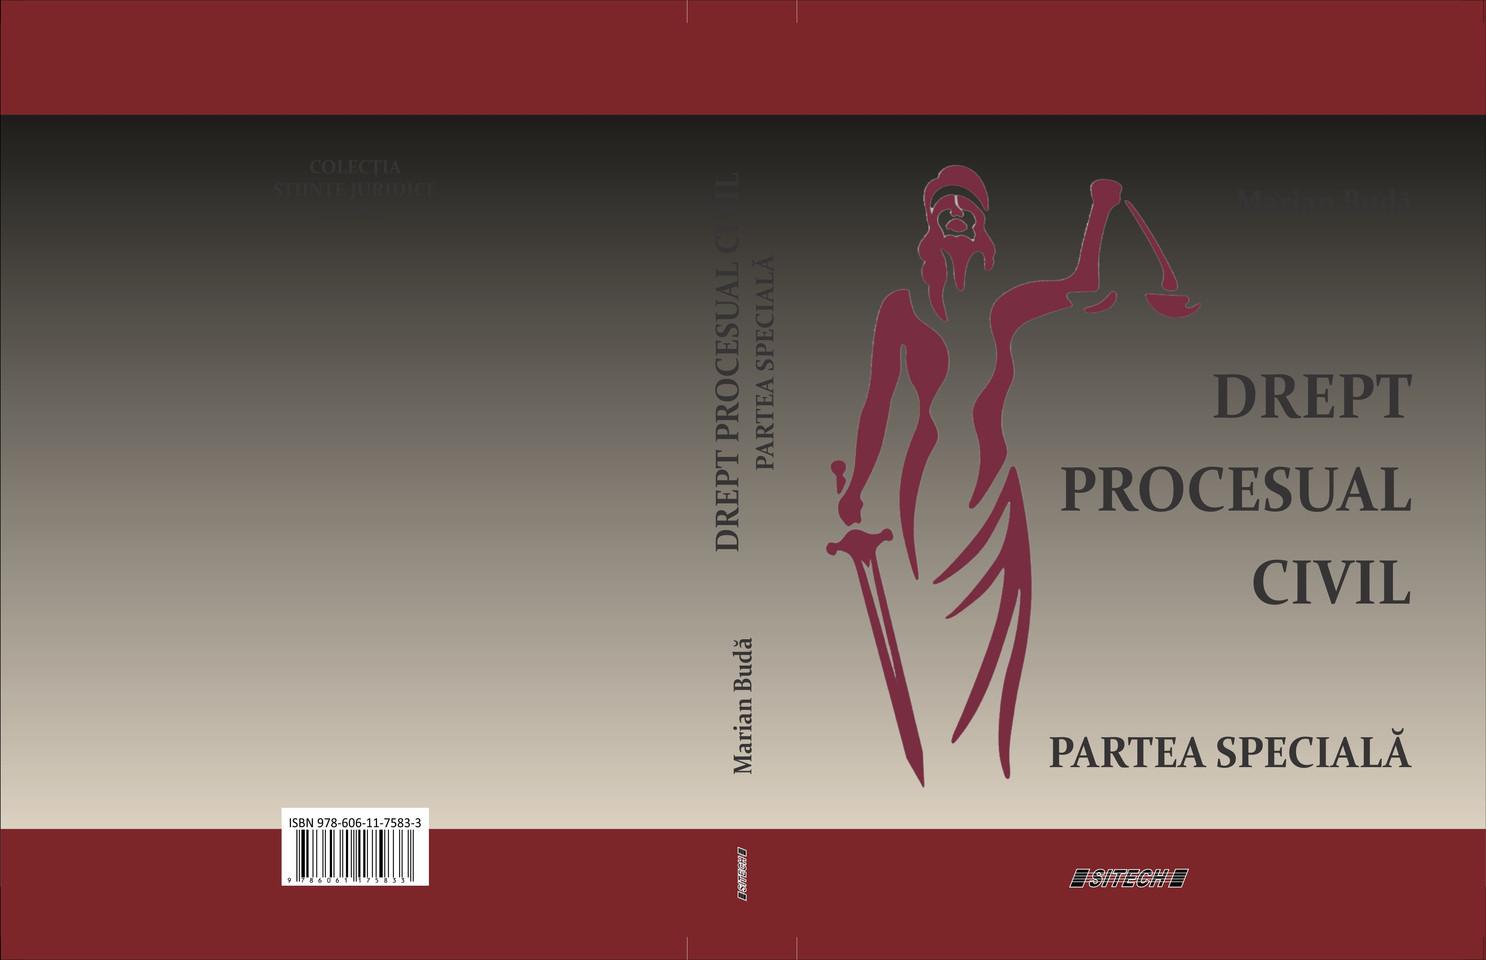 Drept procesual civil - Marian Budă